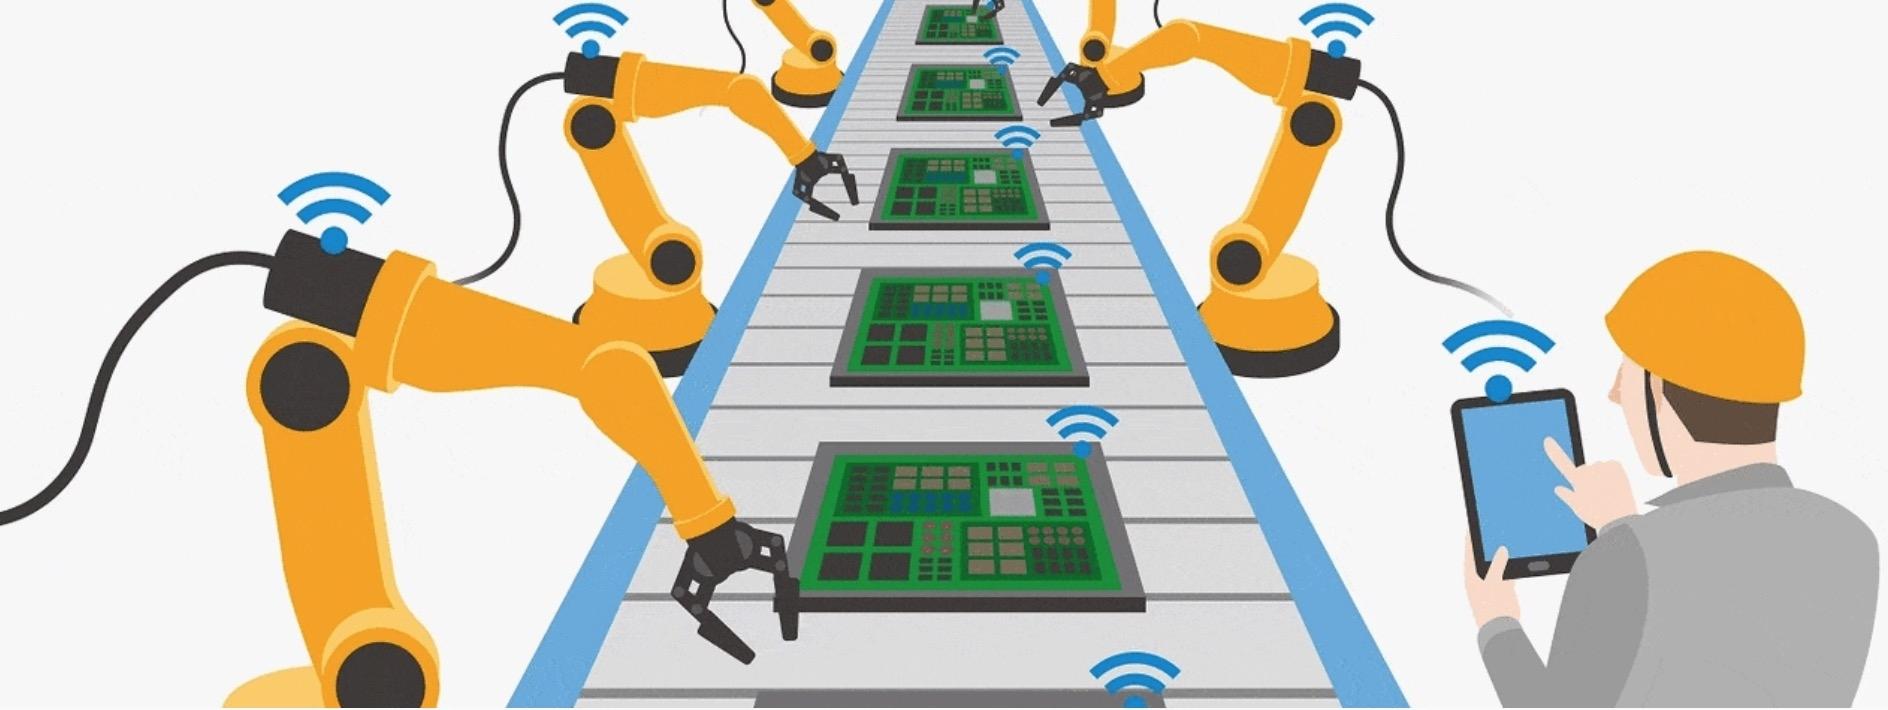 Cách mạng công nghiệp 4.0 là gì, nó ảnh hưởng tới bản thân các bạn ra sao?